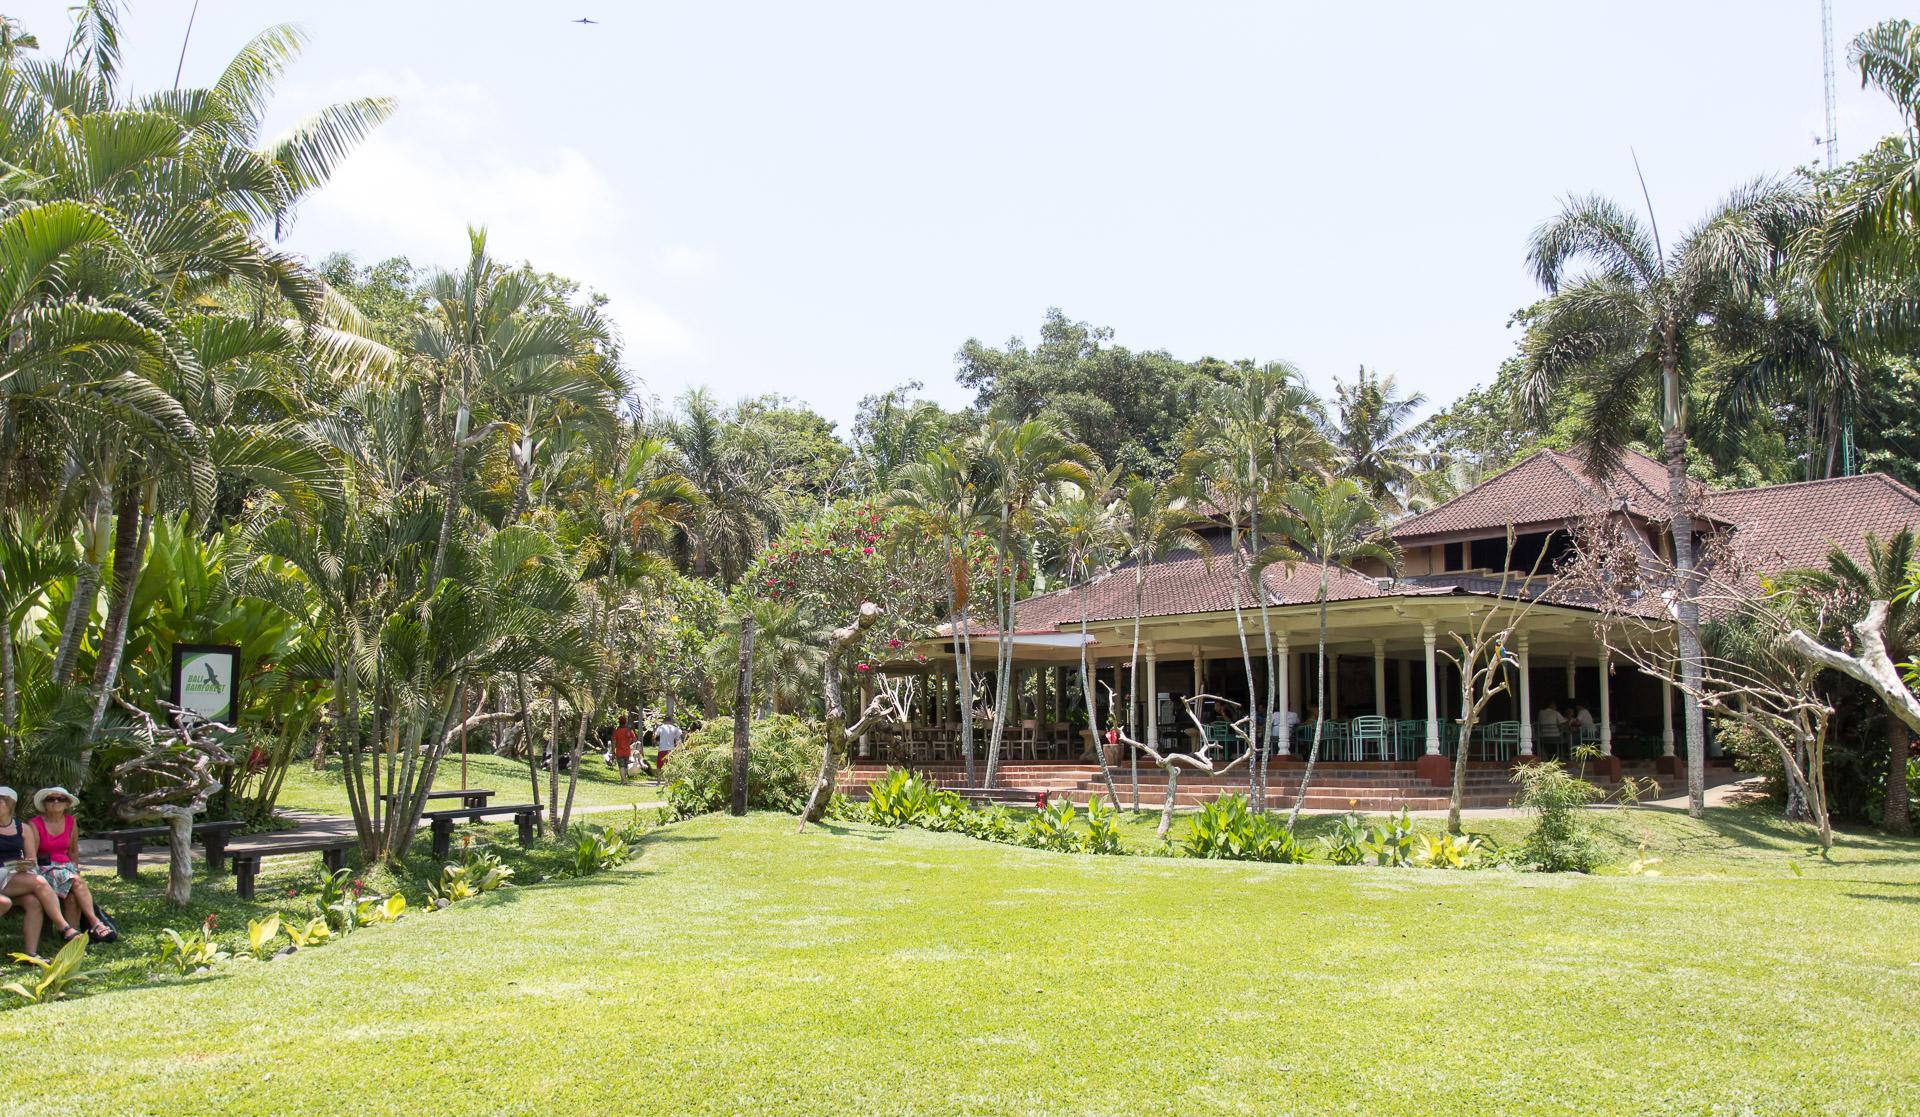 Bali2015-20-005